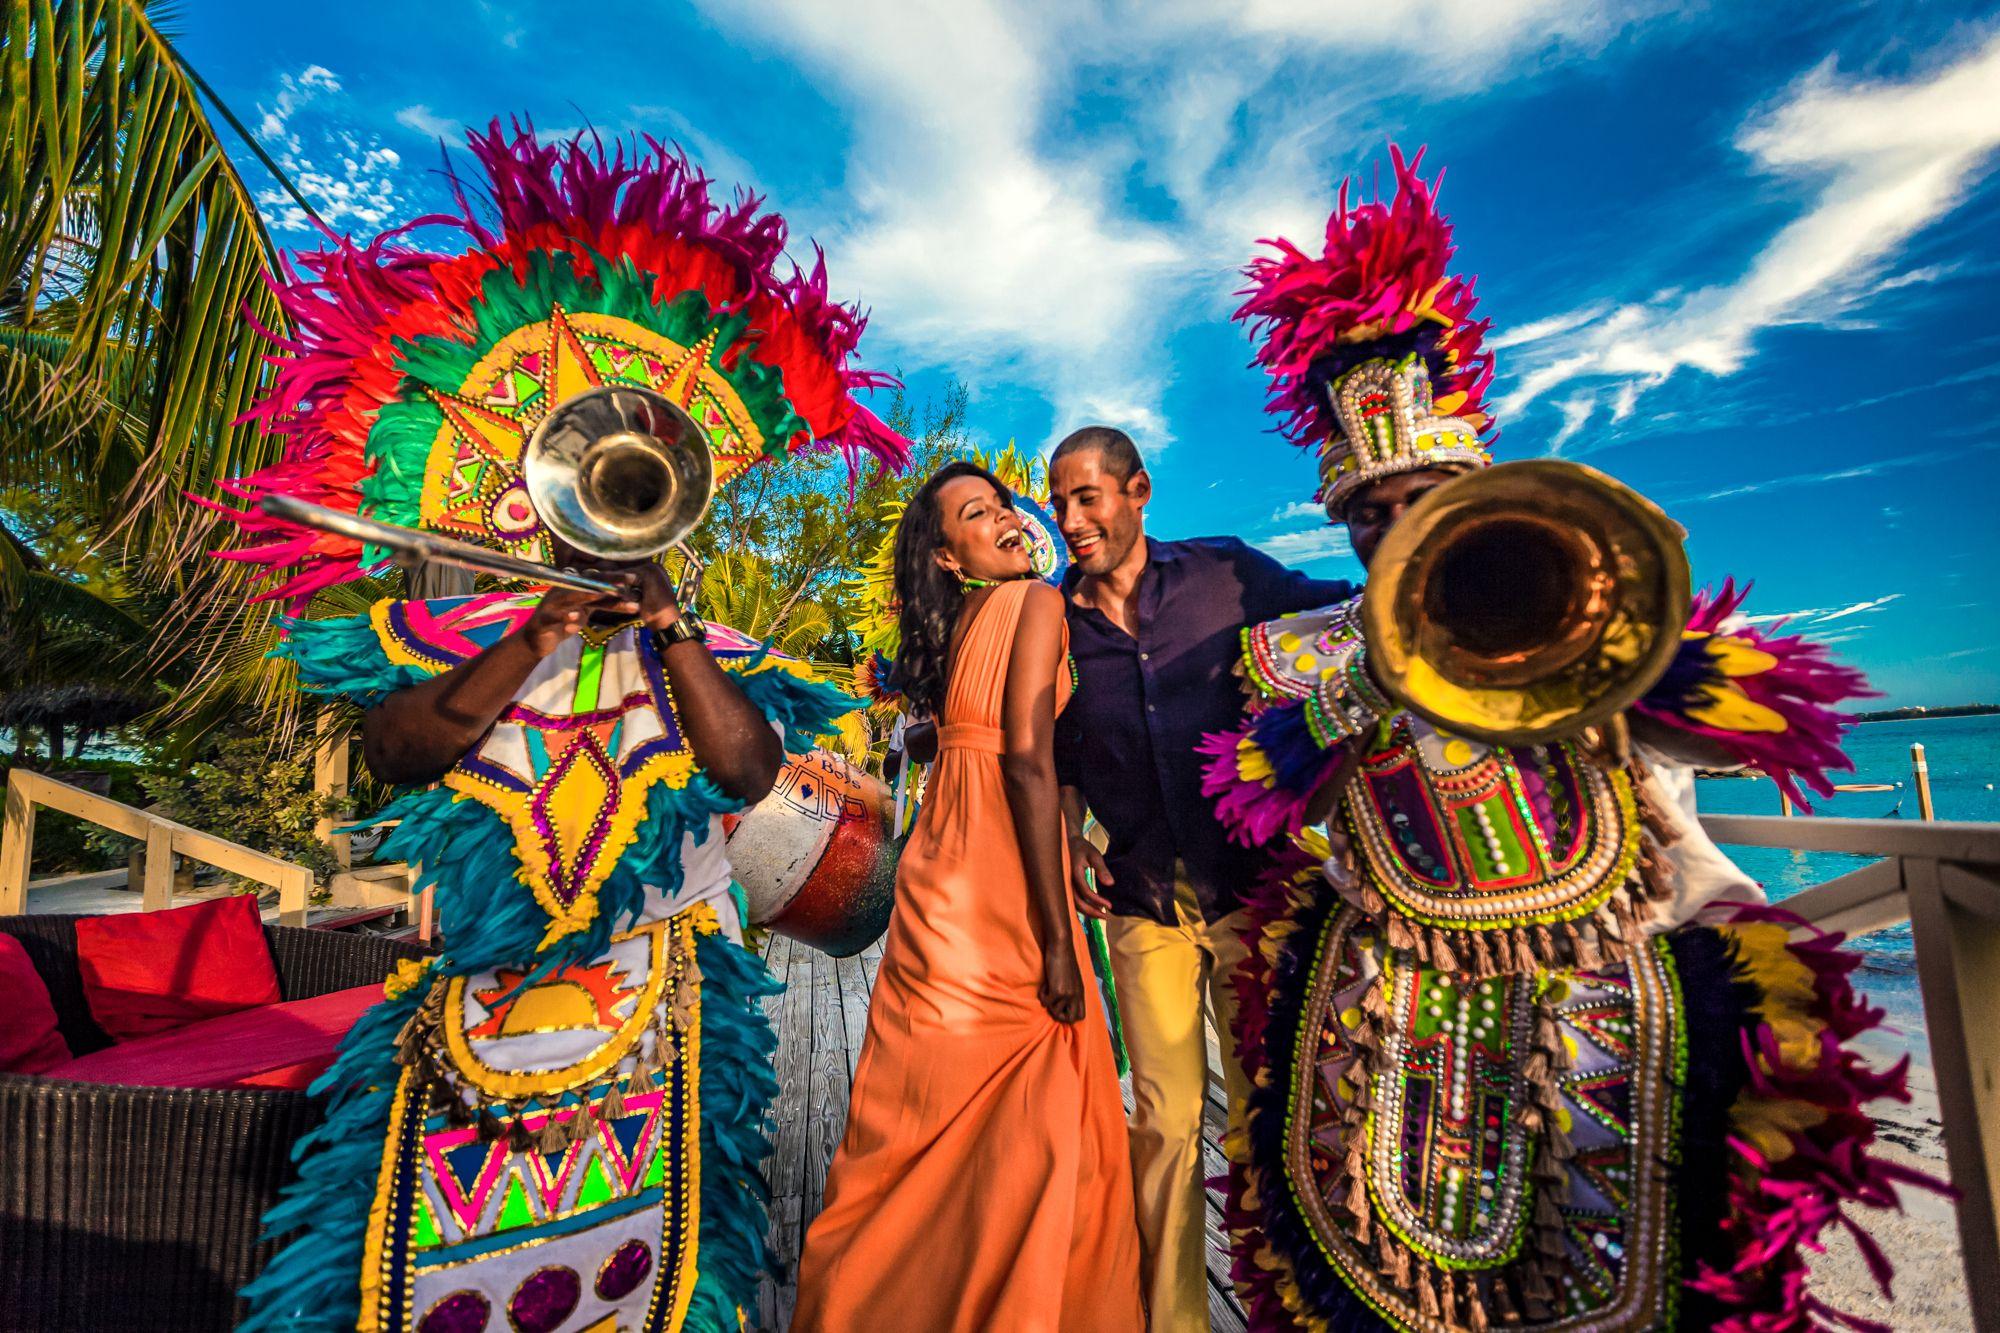 Sandals Royal Bahamian Carnival Party